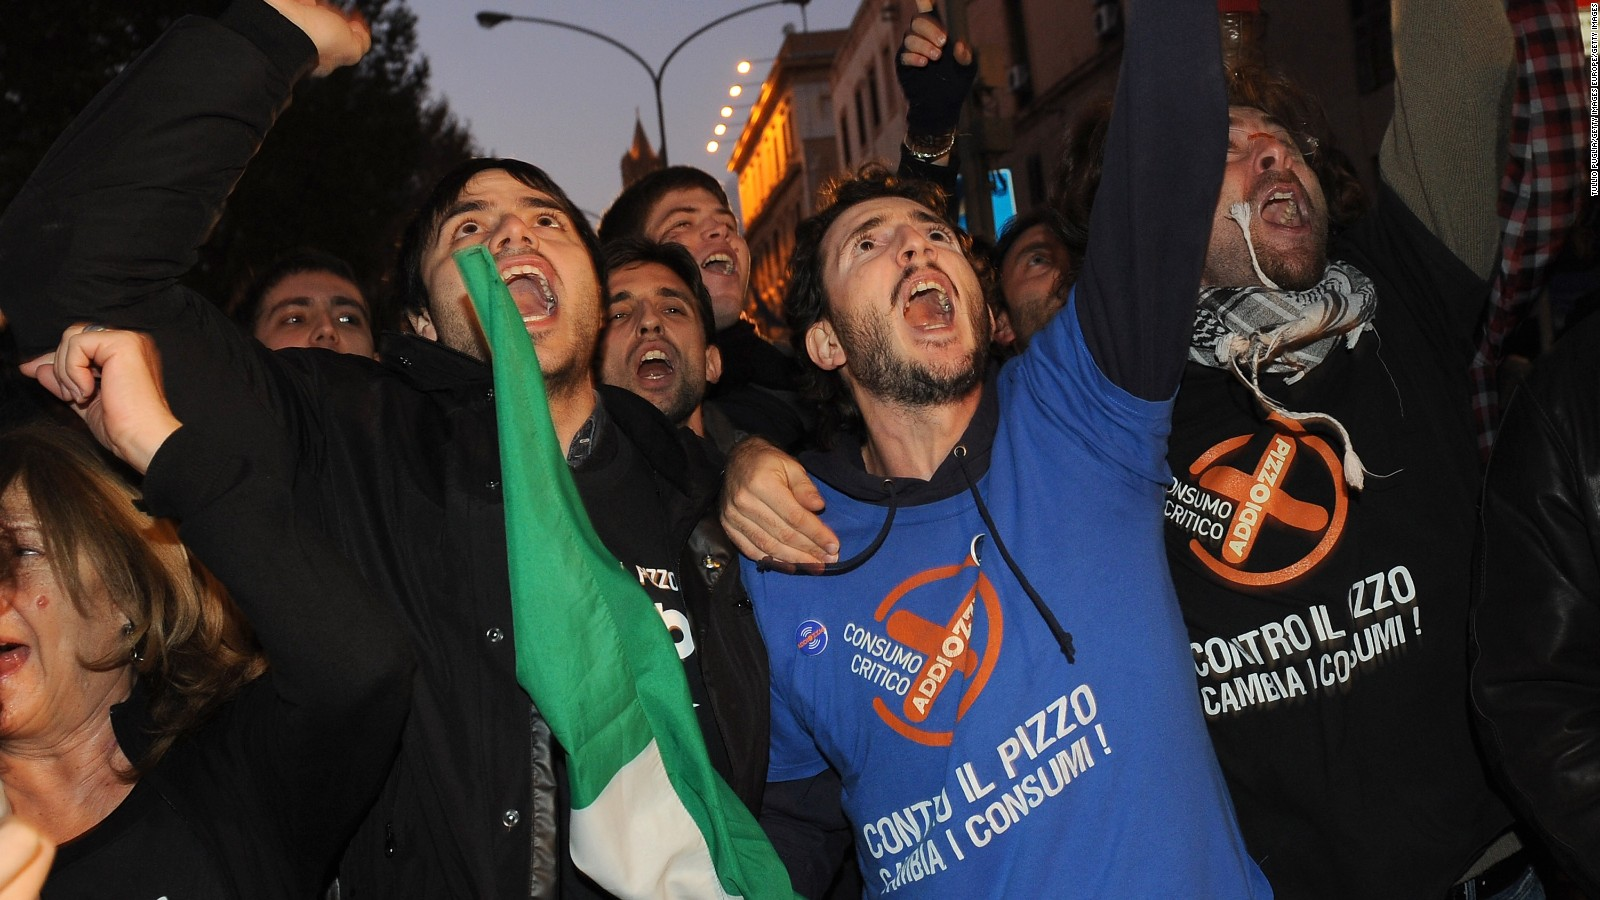 Sicilian businesses take on the mafia